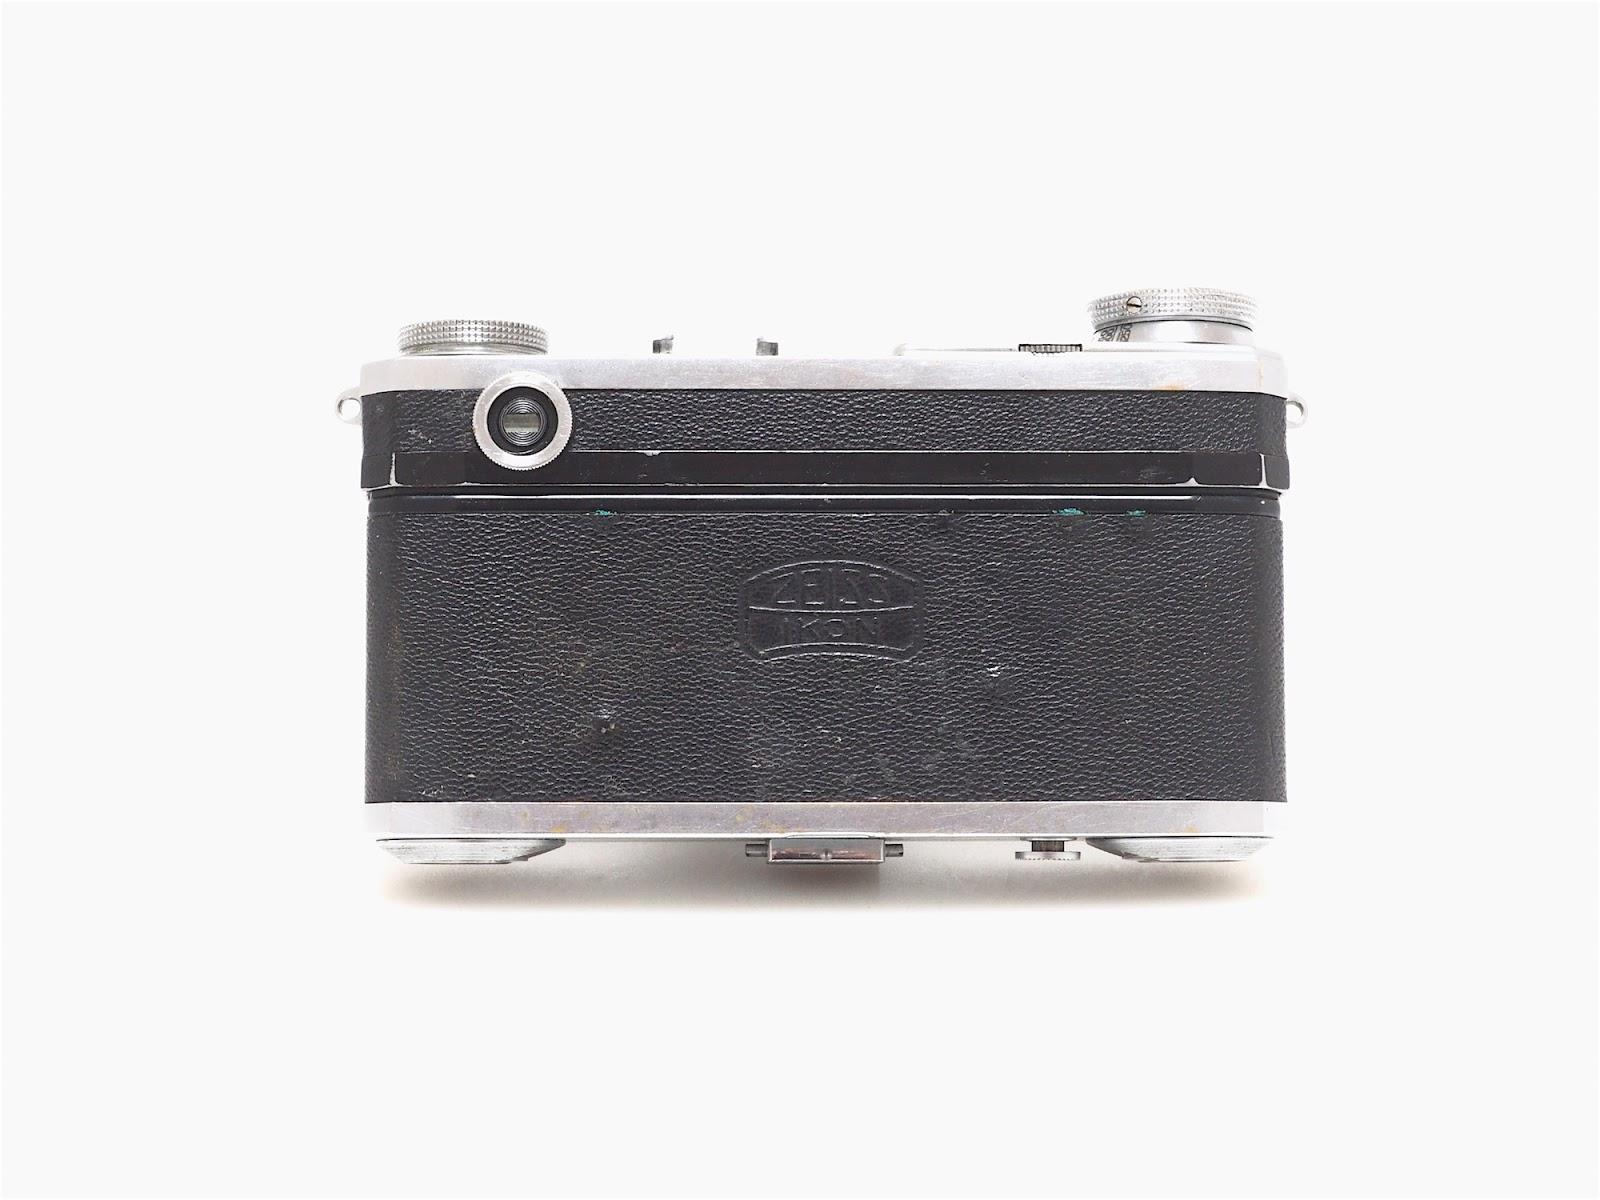 Leica Oder Zeiss Entfernungsmesser : Knippsen: zeiss ikon contax ii